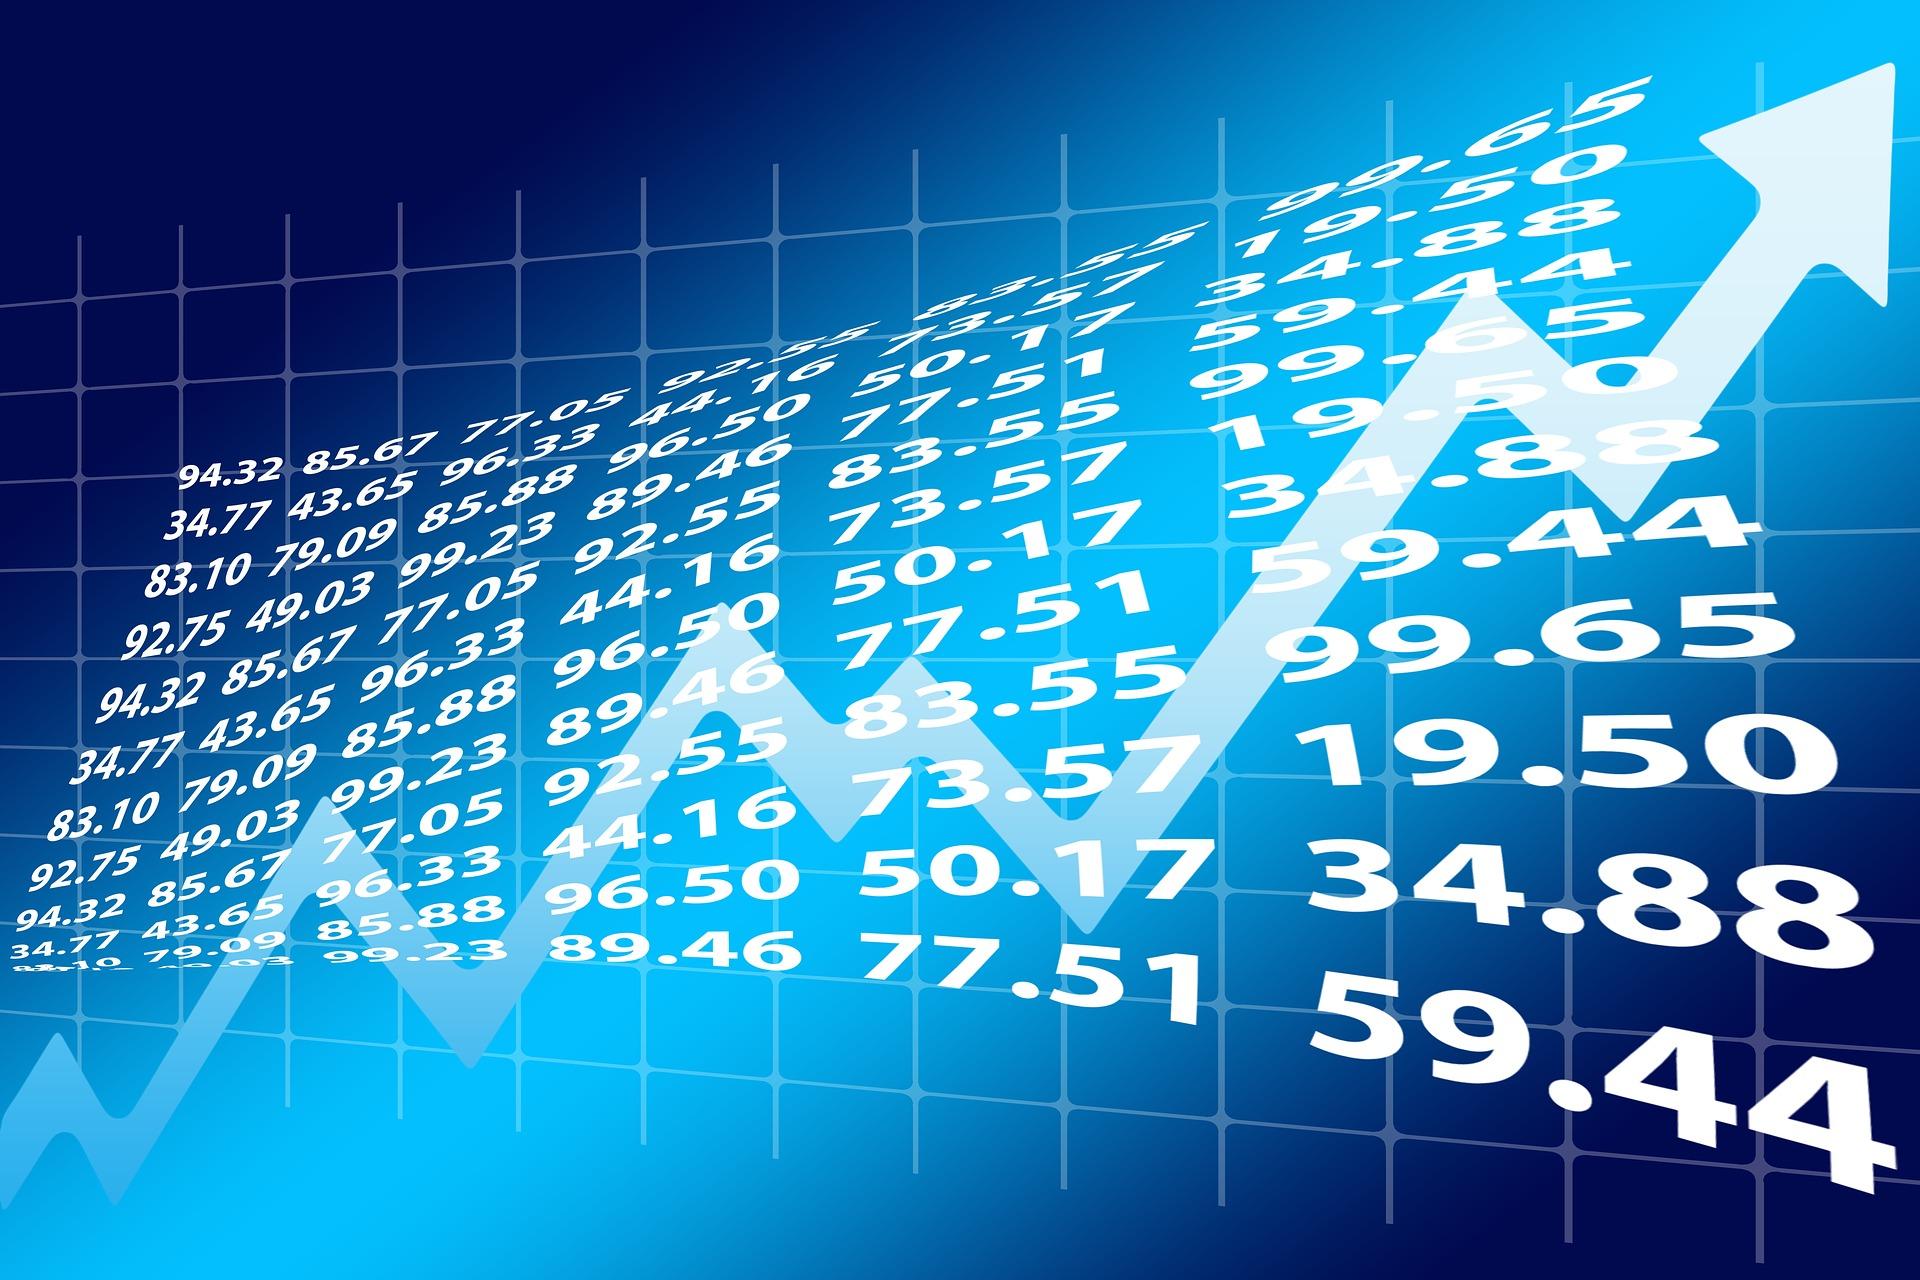 stockexchange3 - Недельный обзор криптовалют с 15 по 21 октября